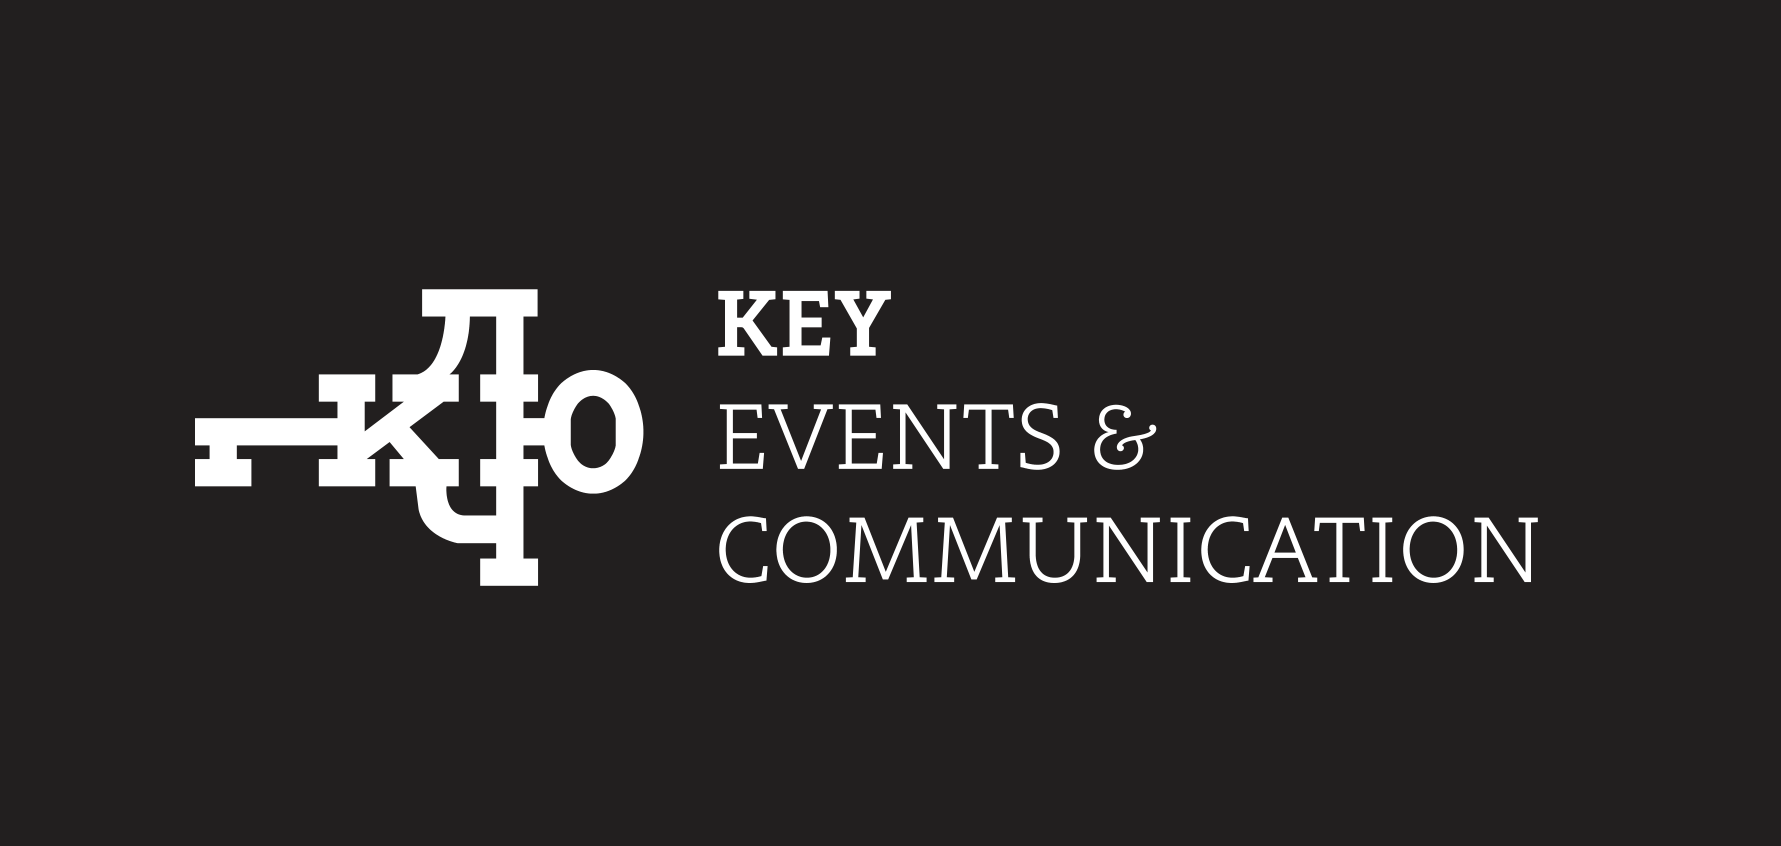 KEY-final_logo_bw_